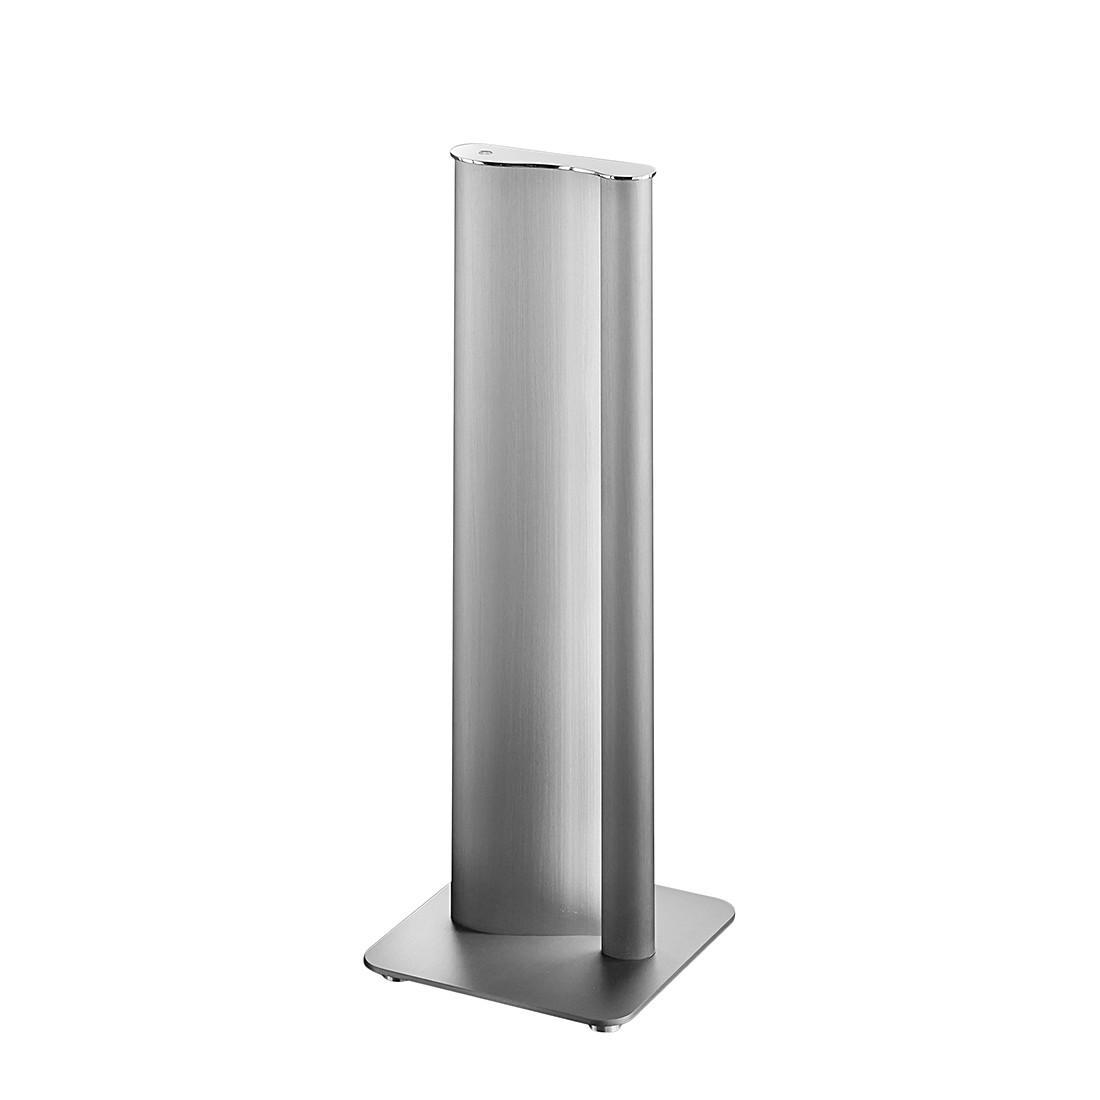 Tischleuchte KURVO ● Metall/Kunststoff ● Silber- Helestra A+